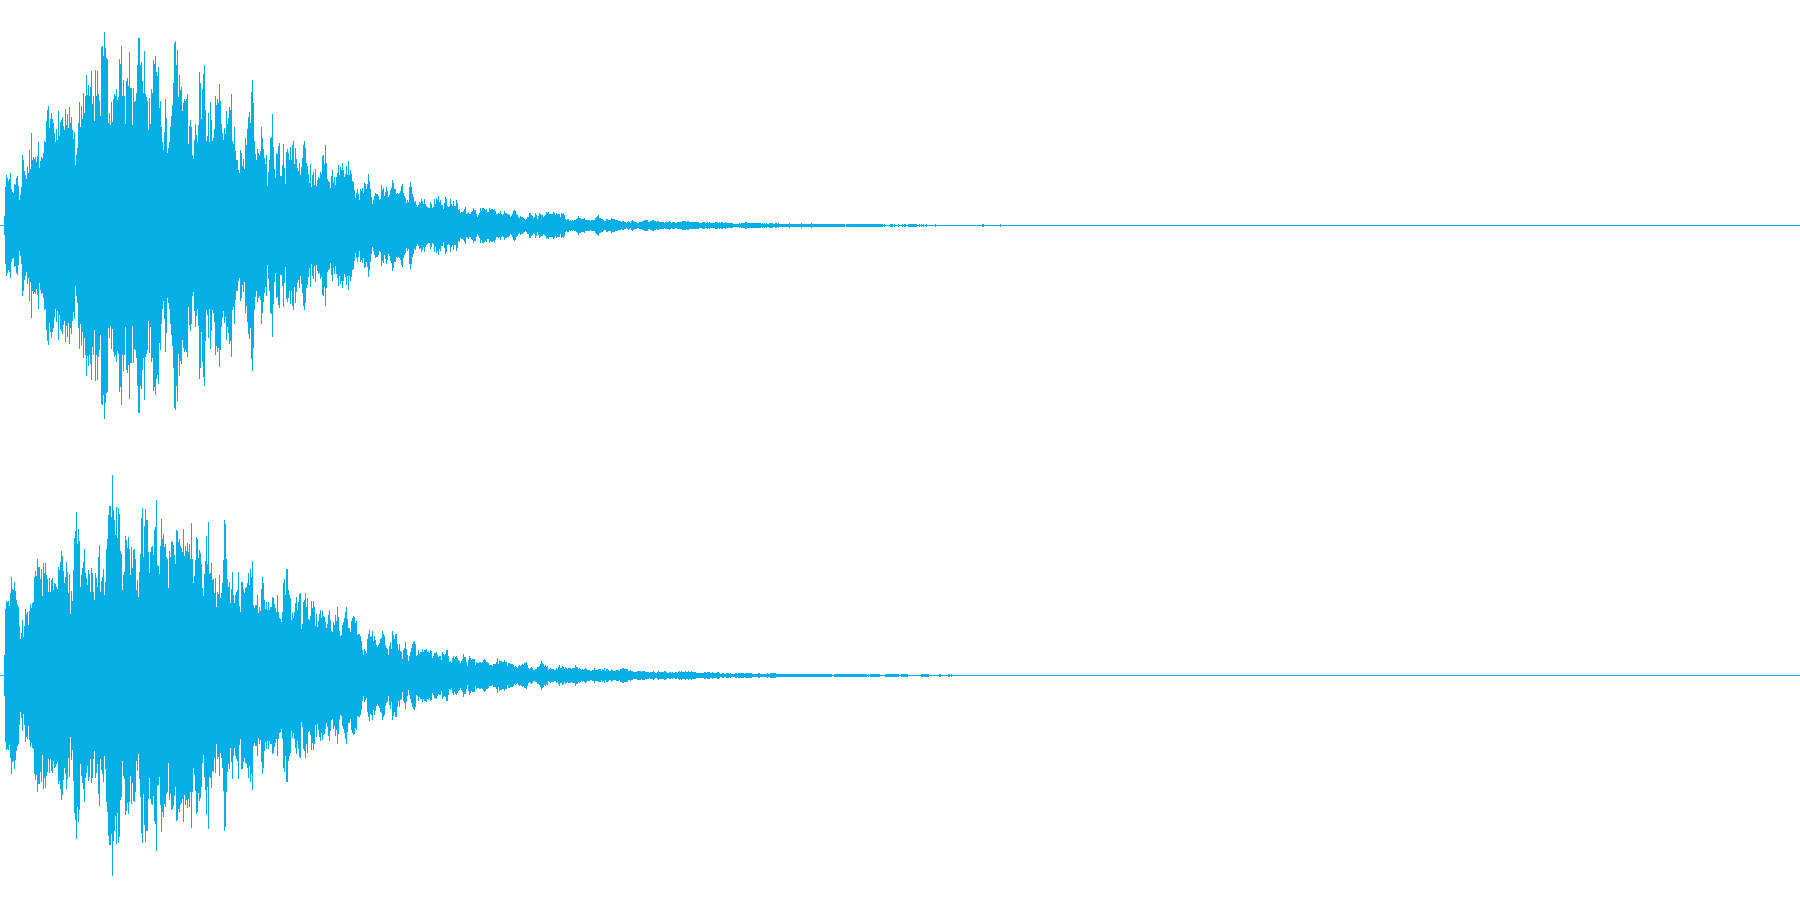 ゲームスタート、決定、ボタン音-009の再生済みの波形